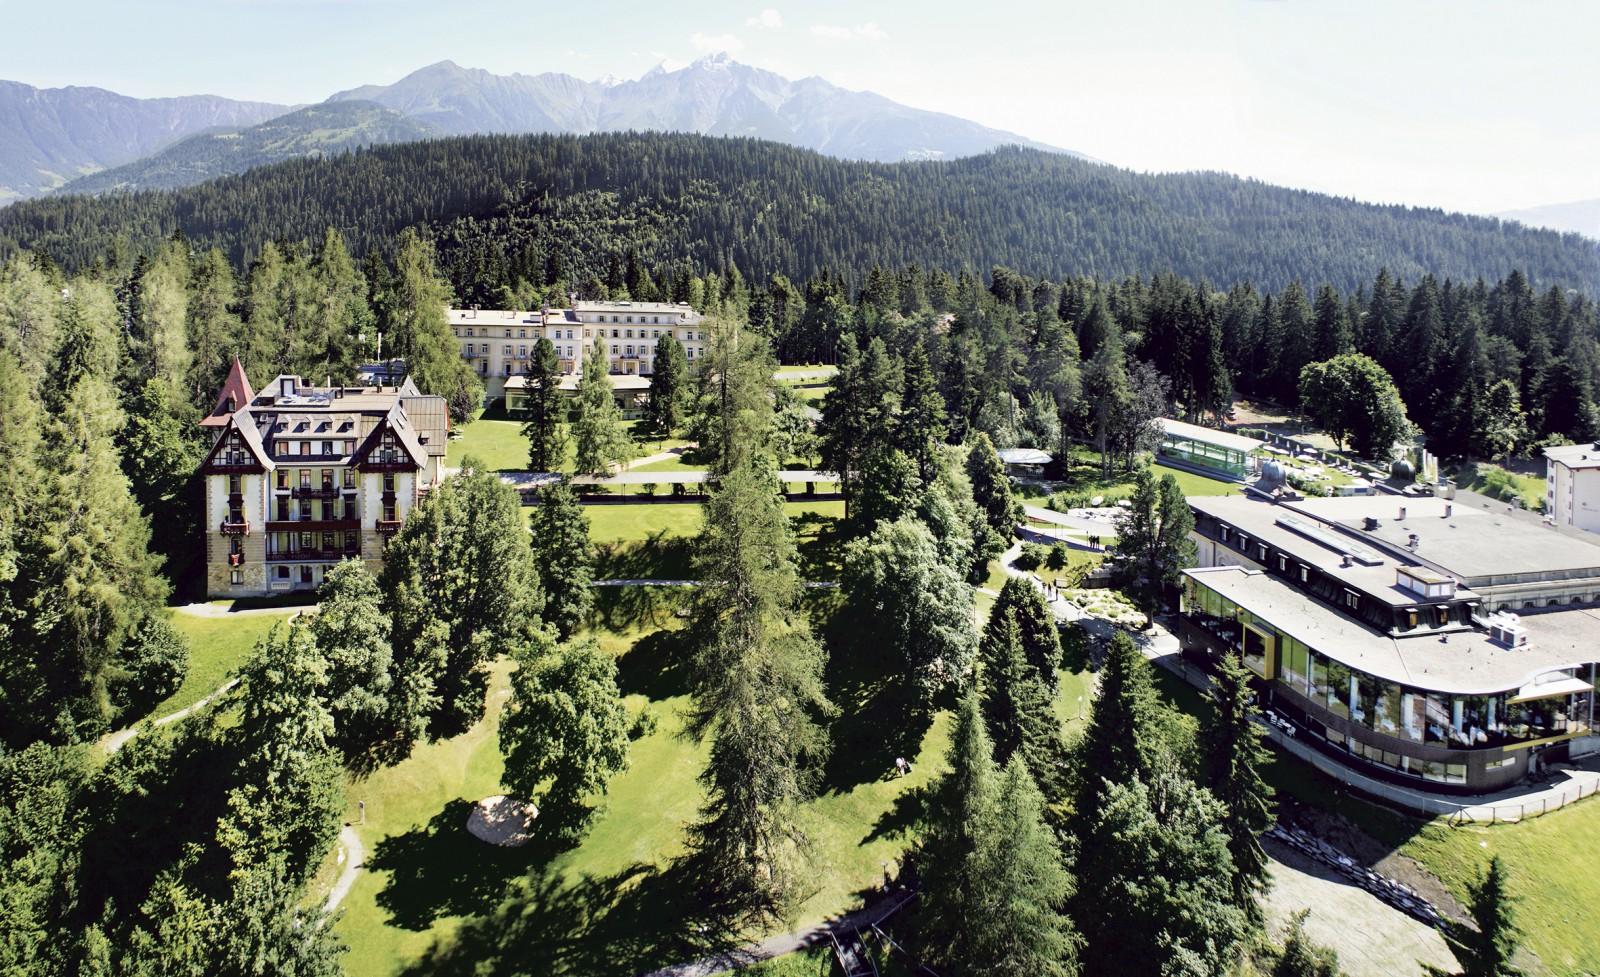 Fotos: Waldhaus Flims Mountain Resort & Spa